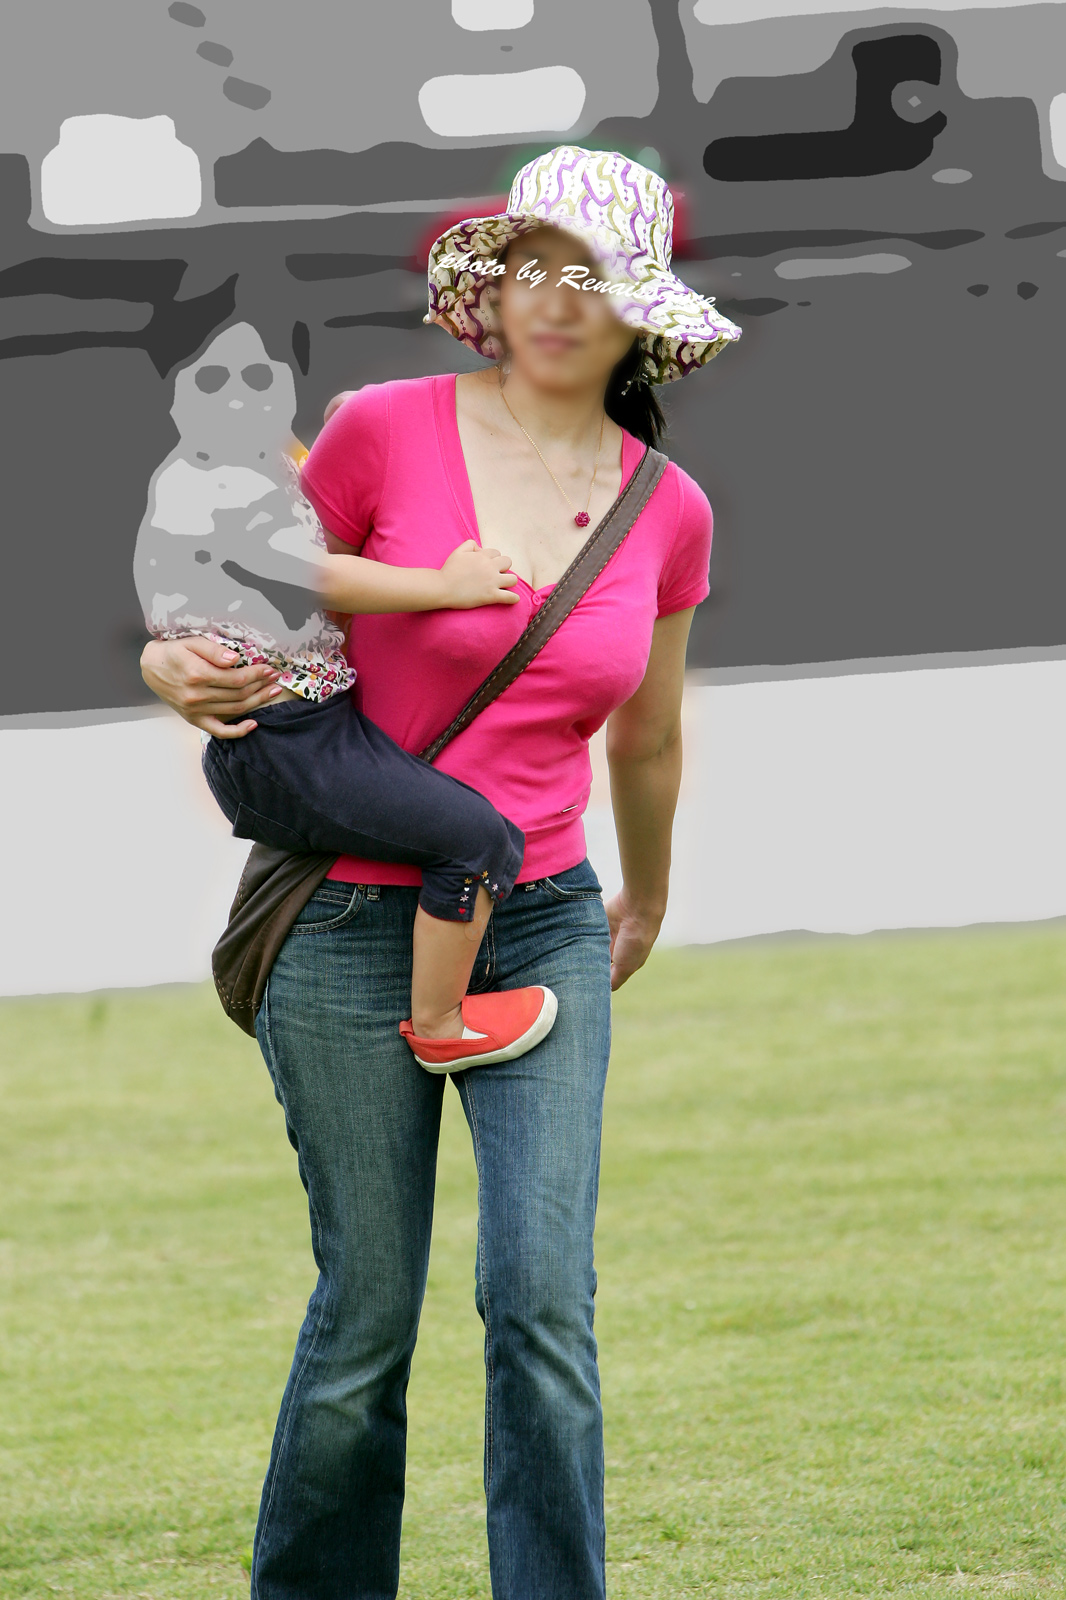 【パイスラエロ画像】これが真の大きさとは限らない…脱がせる前に圧倒されるパイスラ着胸www 27